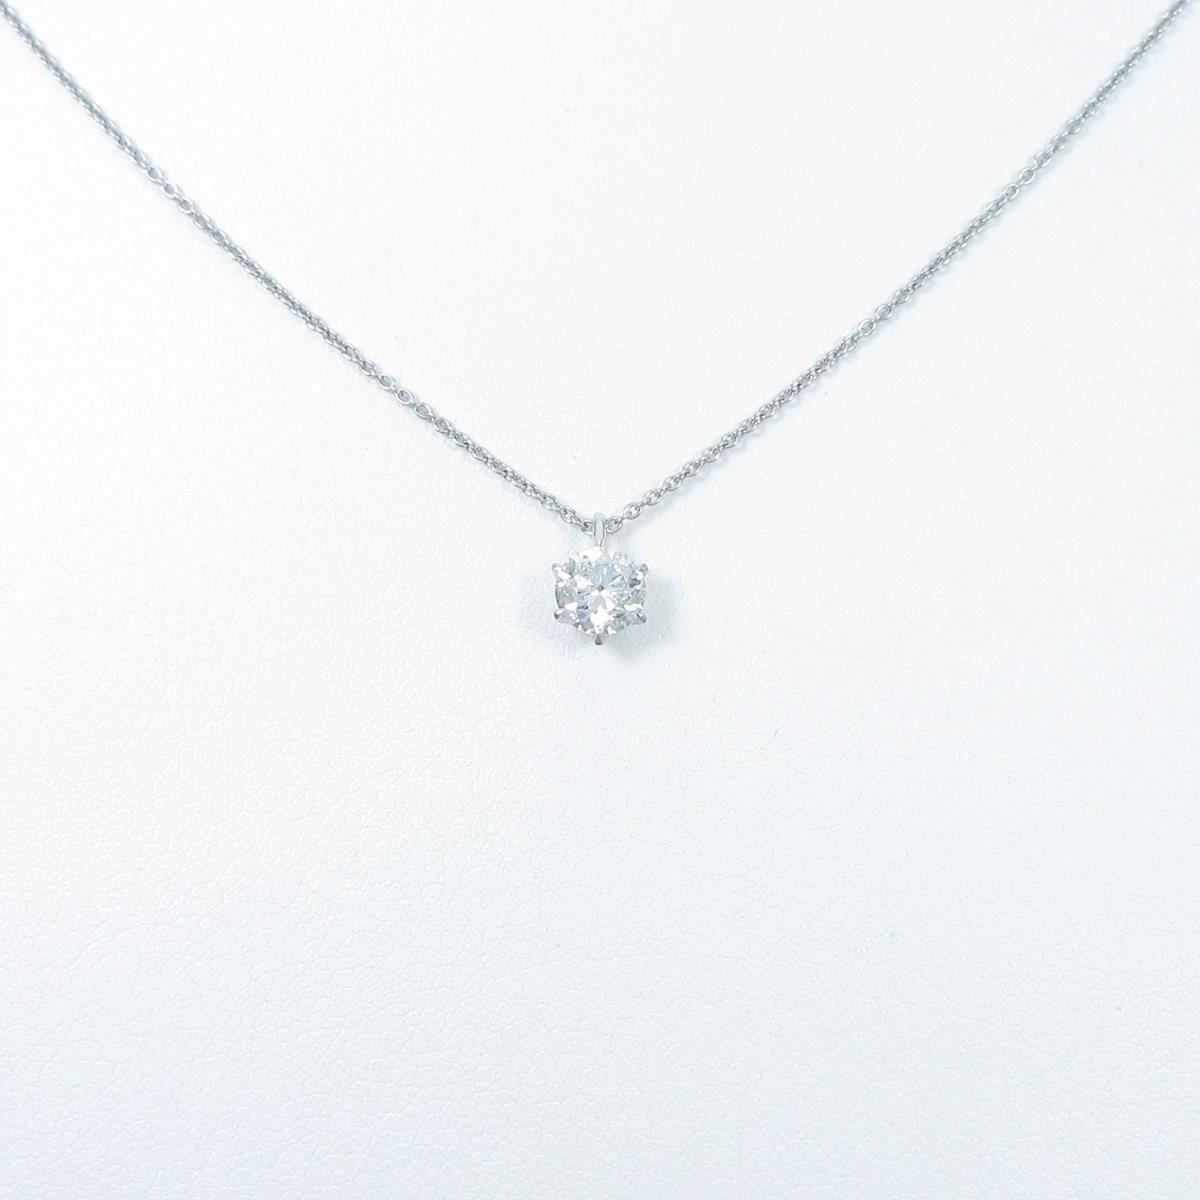 【リメイク】プラチナダイヤモンドネックレス 0.516ct・G・I1・GOOD【中古】